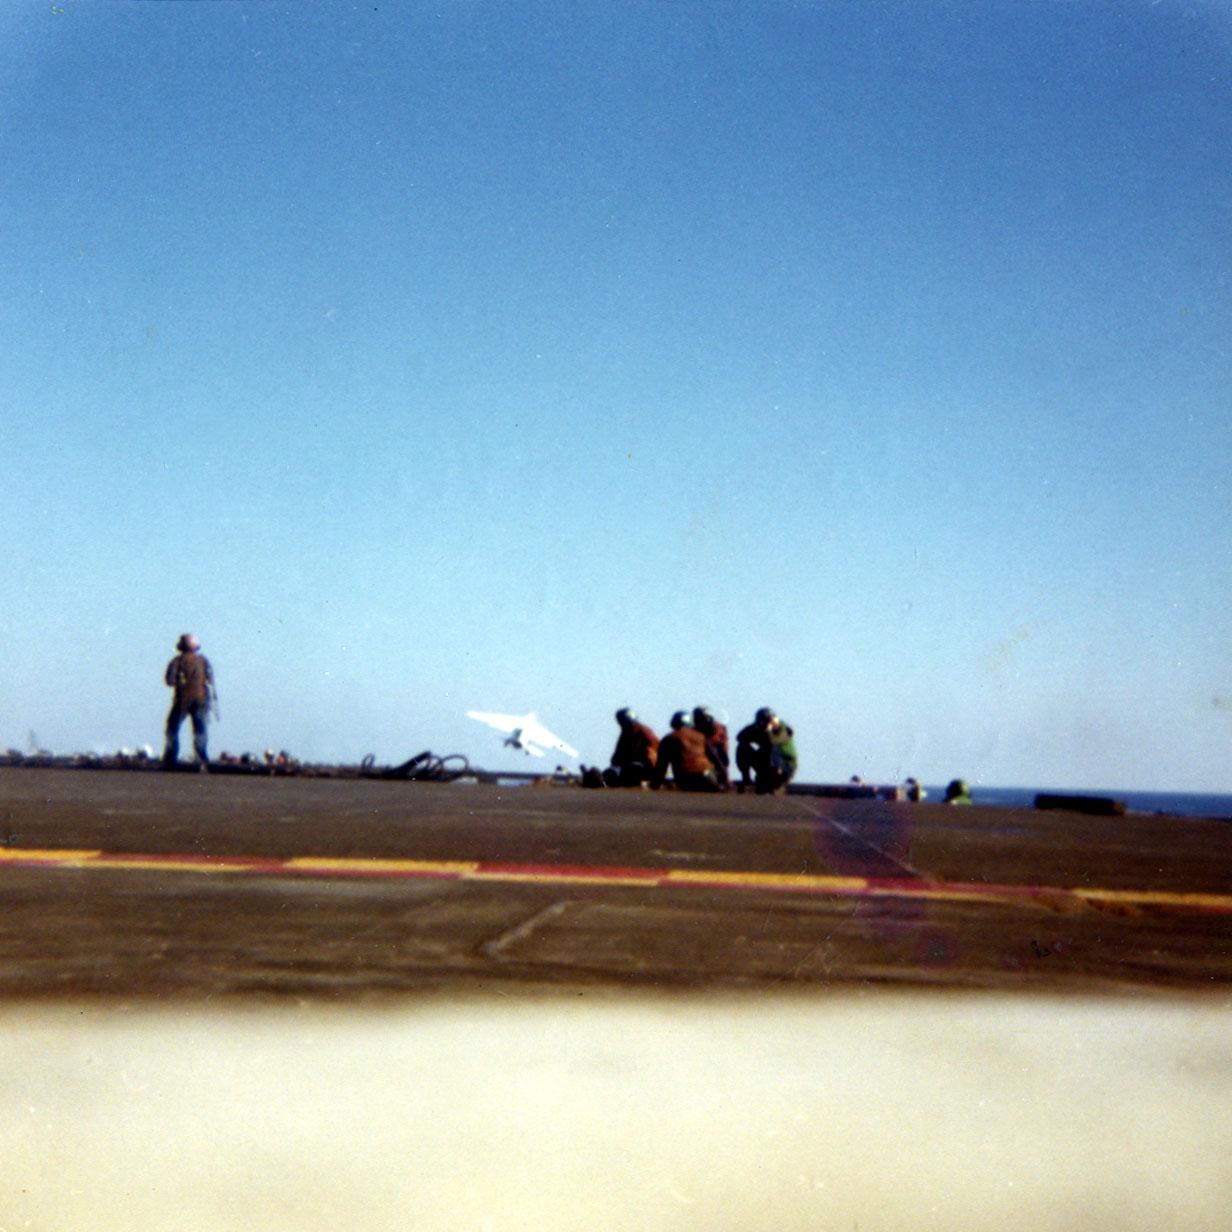 va-15-launch-plane-captains-wait-for-recoveries-w